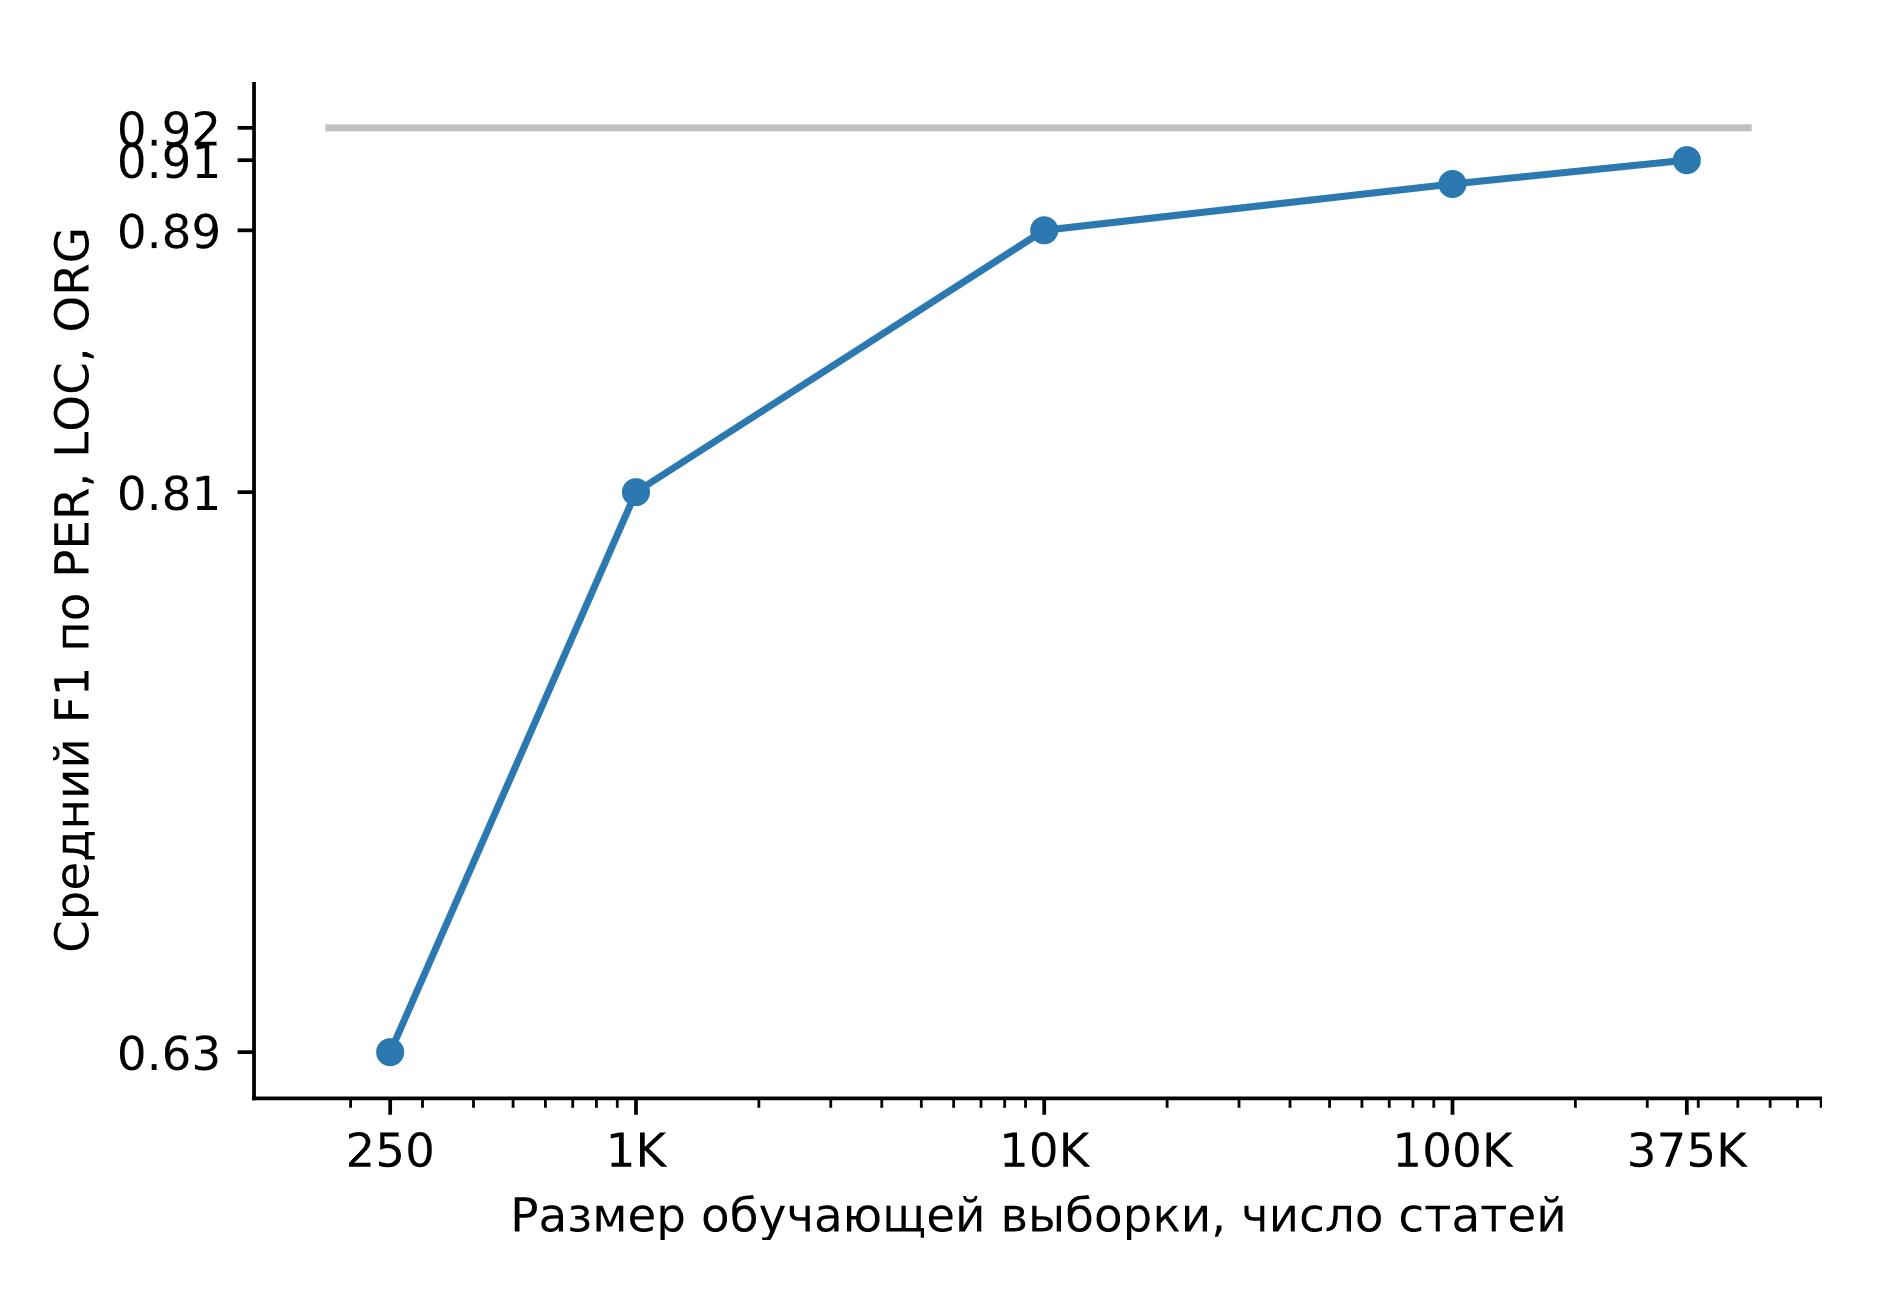 Проект Natasha. Набор качественных открытых инструментов для обработки естественного русского языка (NLP) - 7